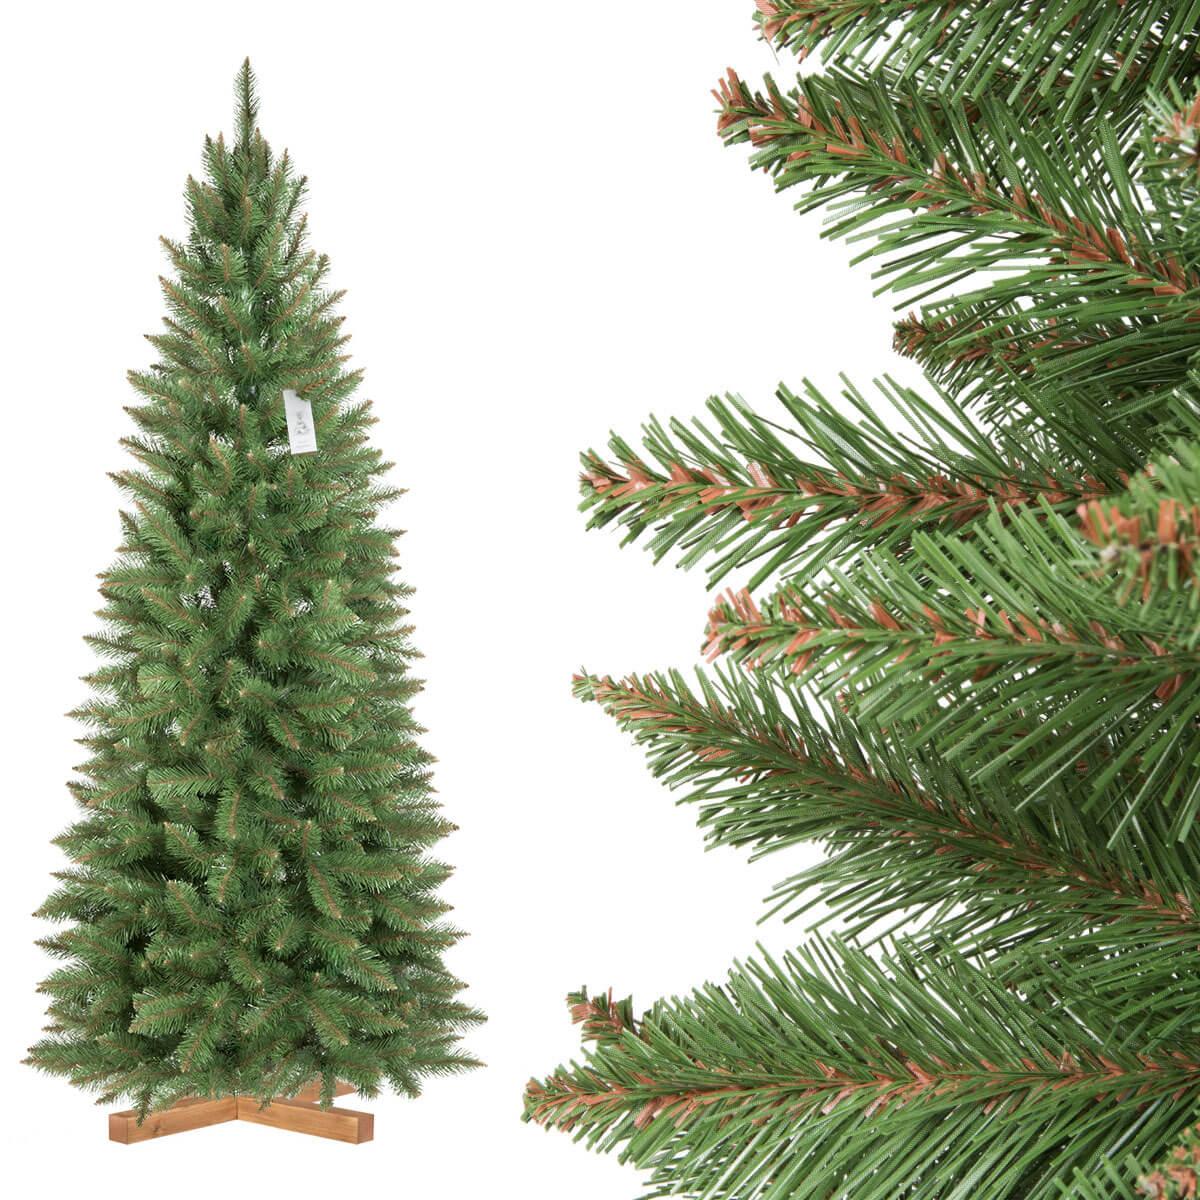 Idą Święta, szanuj las. Dlaczego sztuczna choinka jest lepsza niż prawdziwa? 3